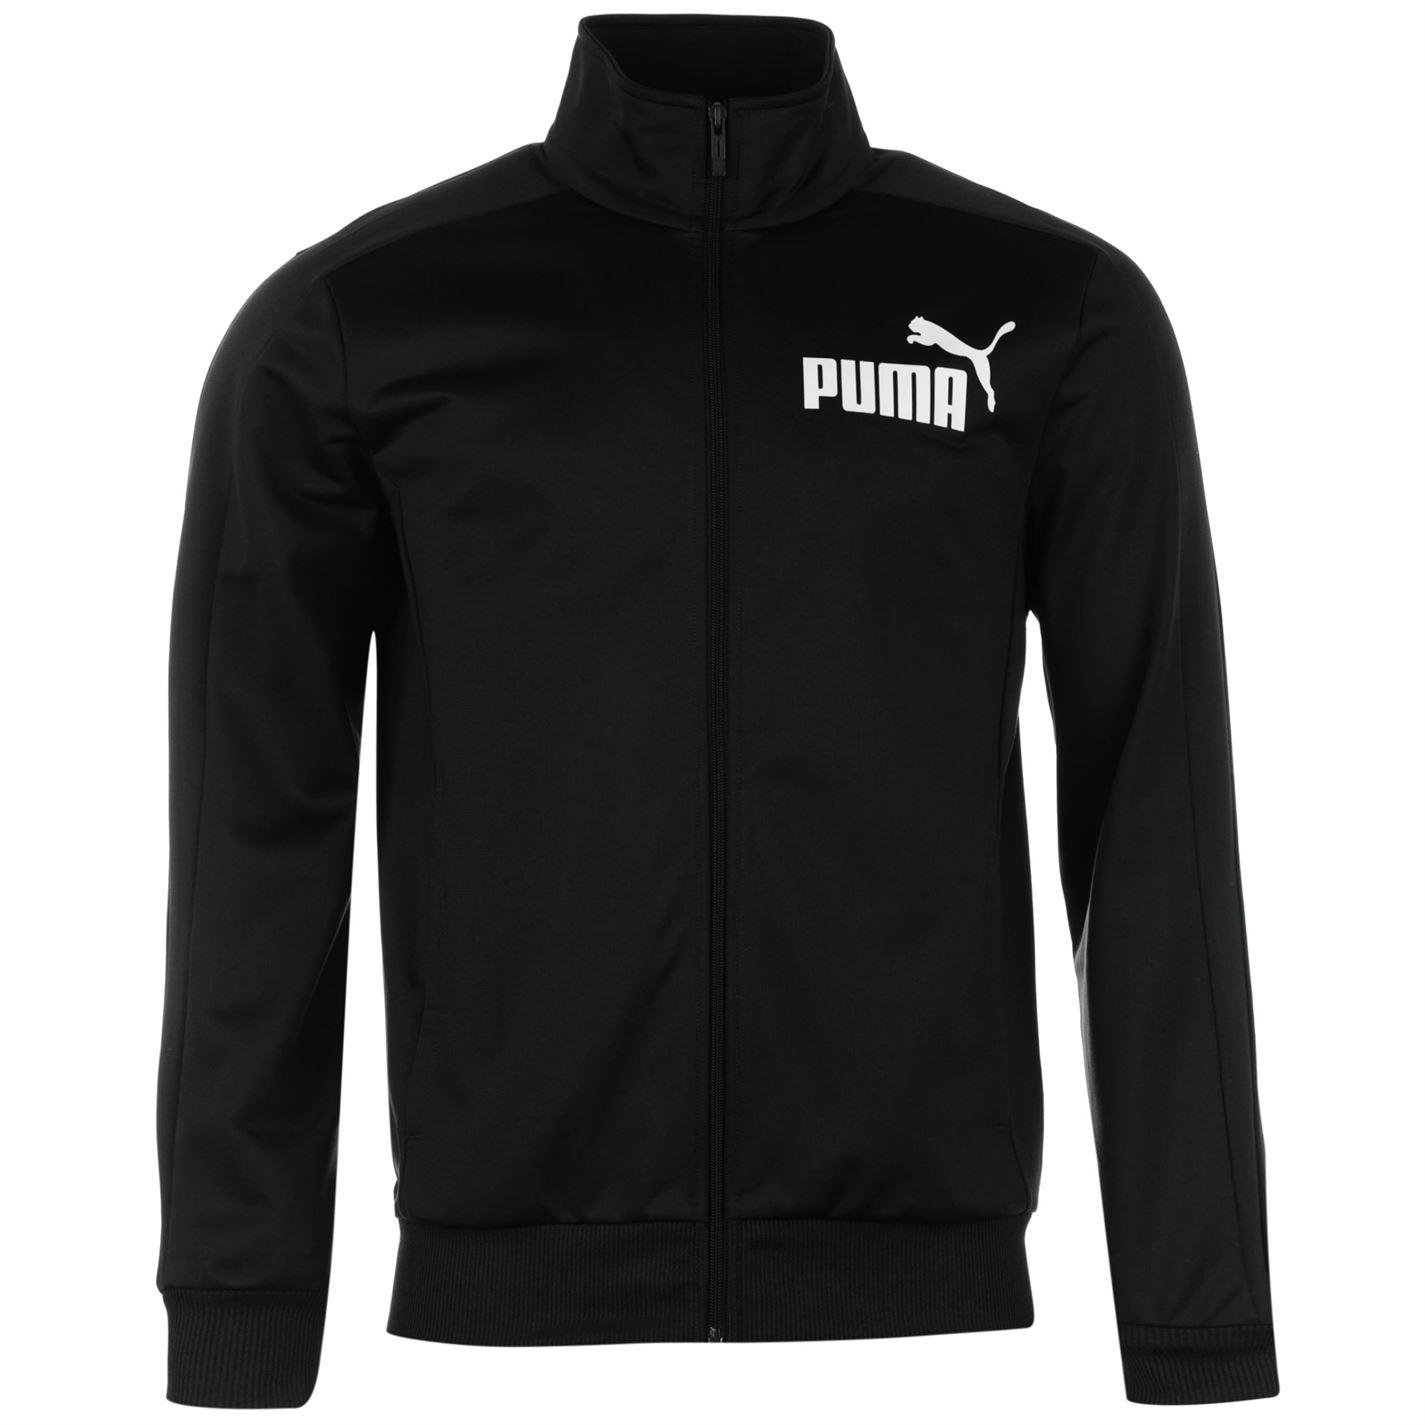 Puma pánska tepláková bunda